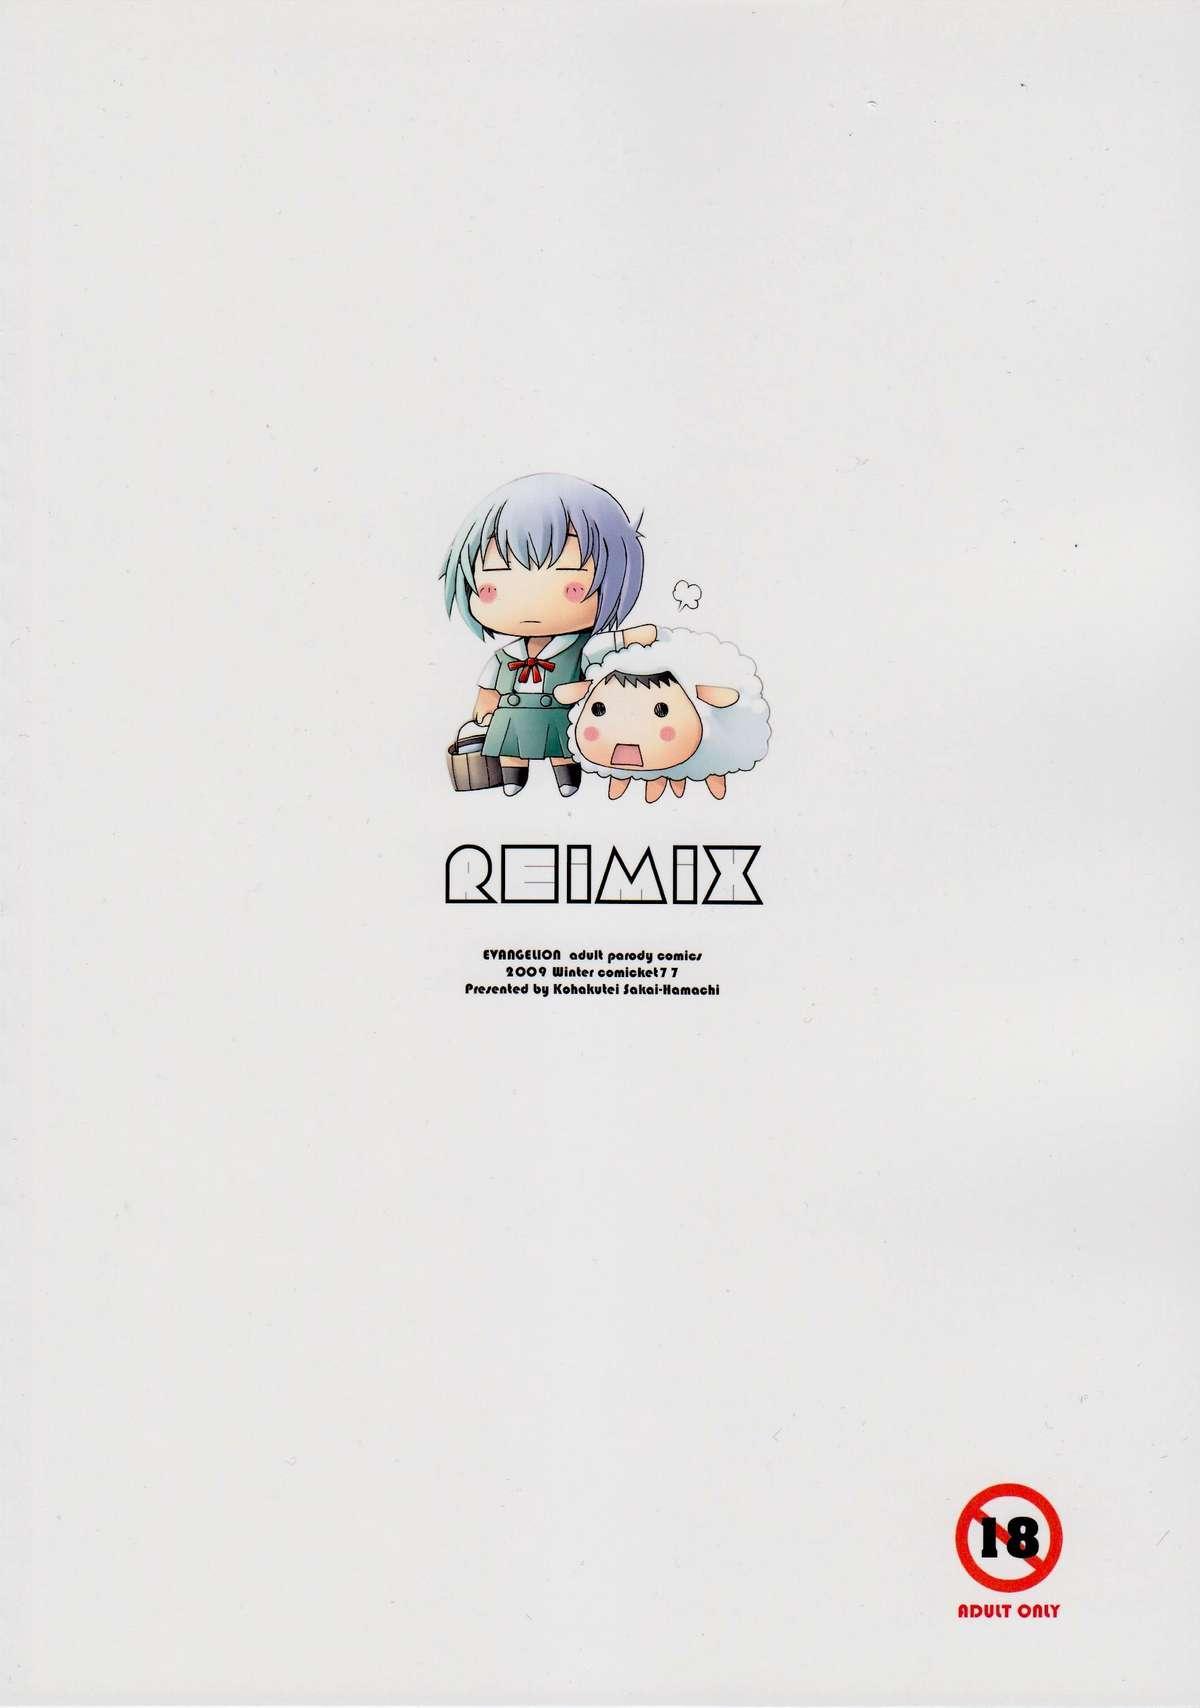 Reimix 1